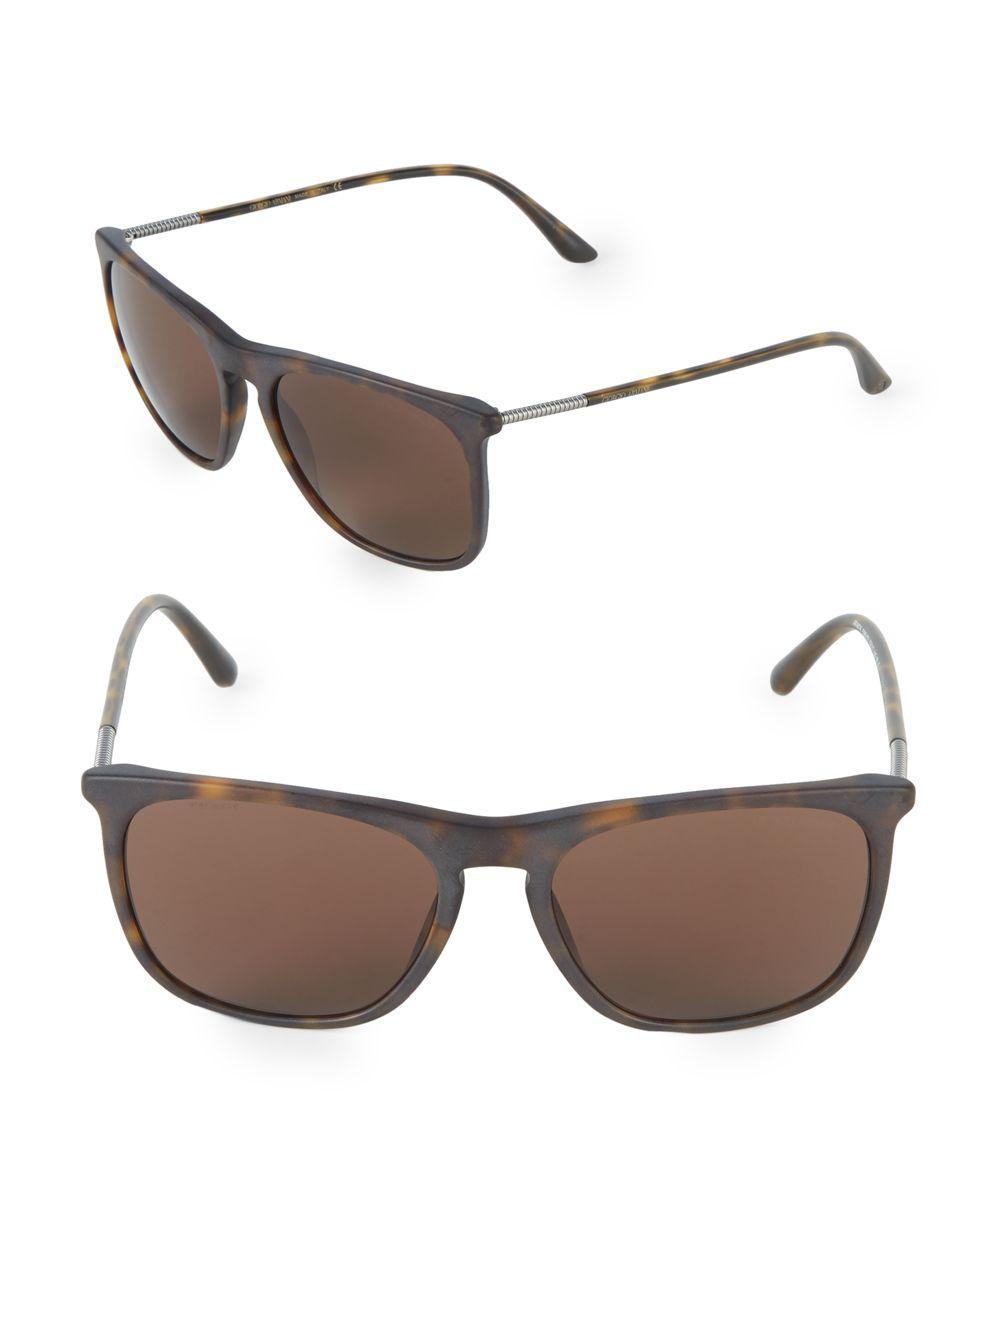 6b312a3232f0 Lyst - Giorgio Armani 55mm Square Sunglasses in Brown